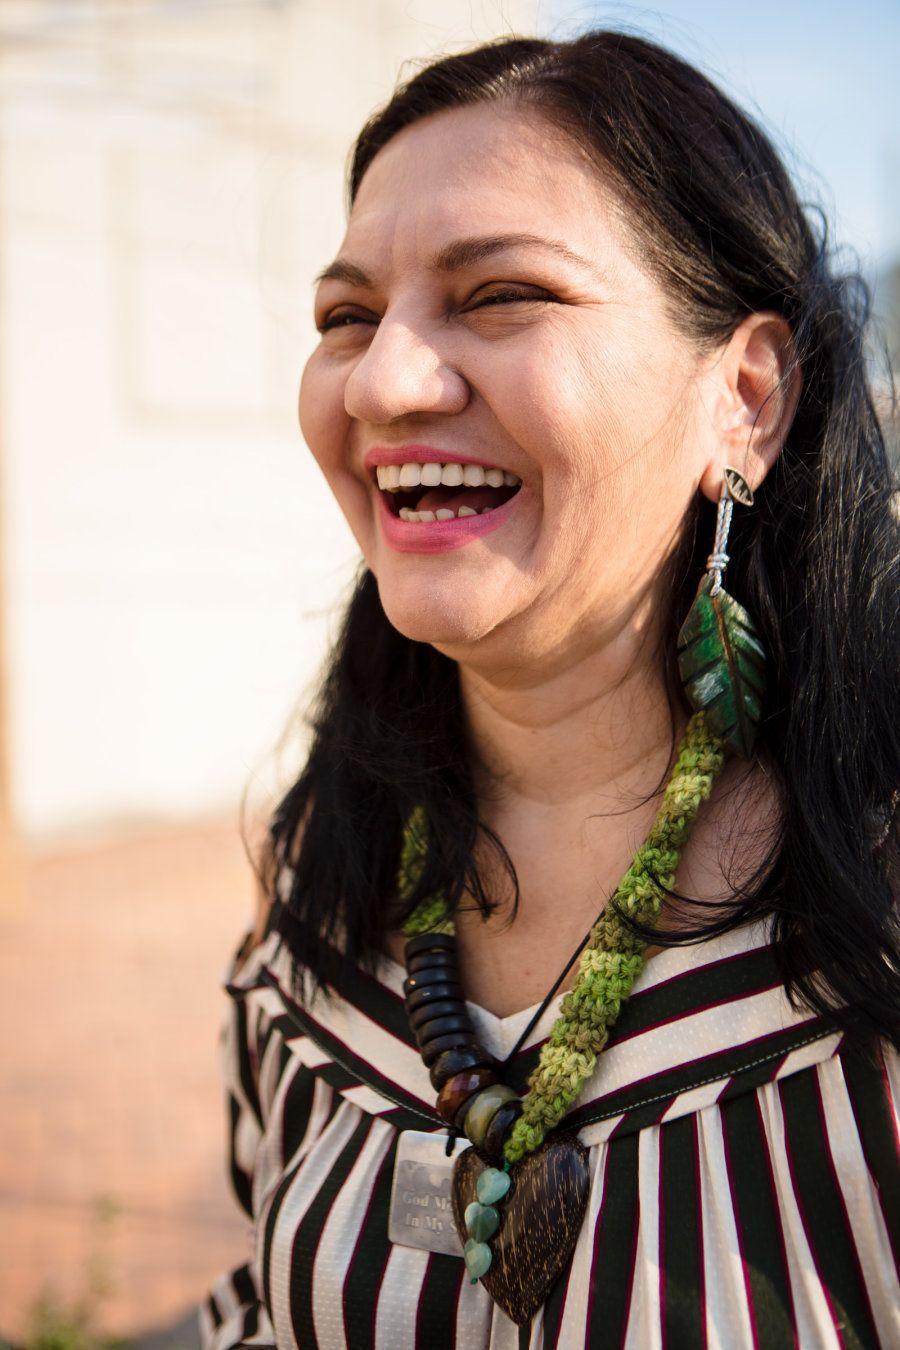 Já com o negócio estabelecido em Manaus, suas biojoias ganharam o